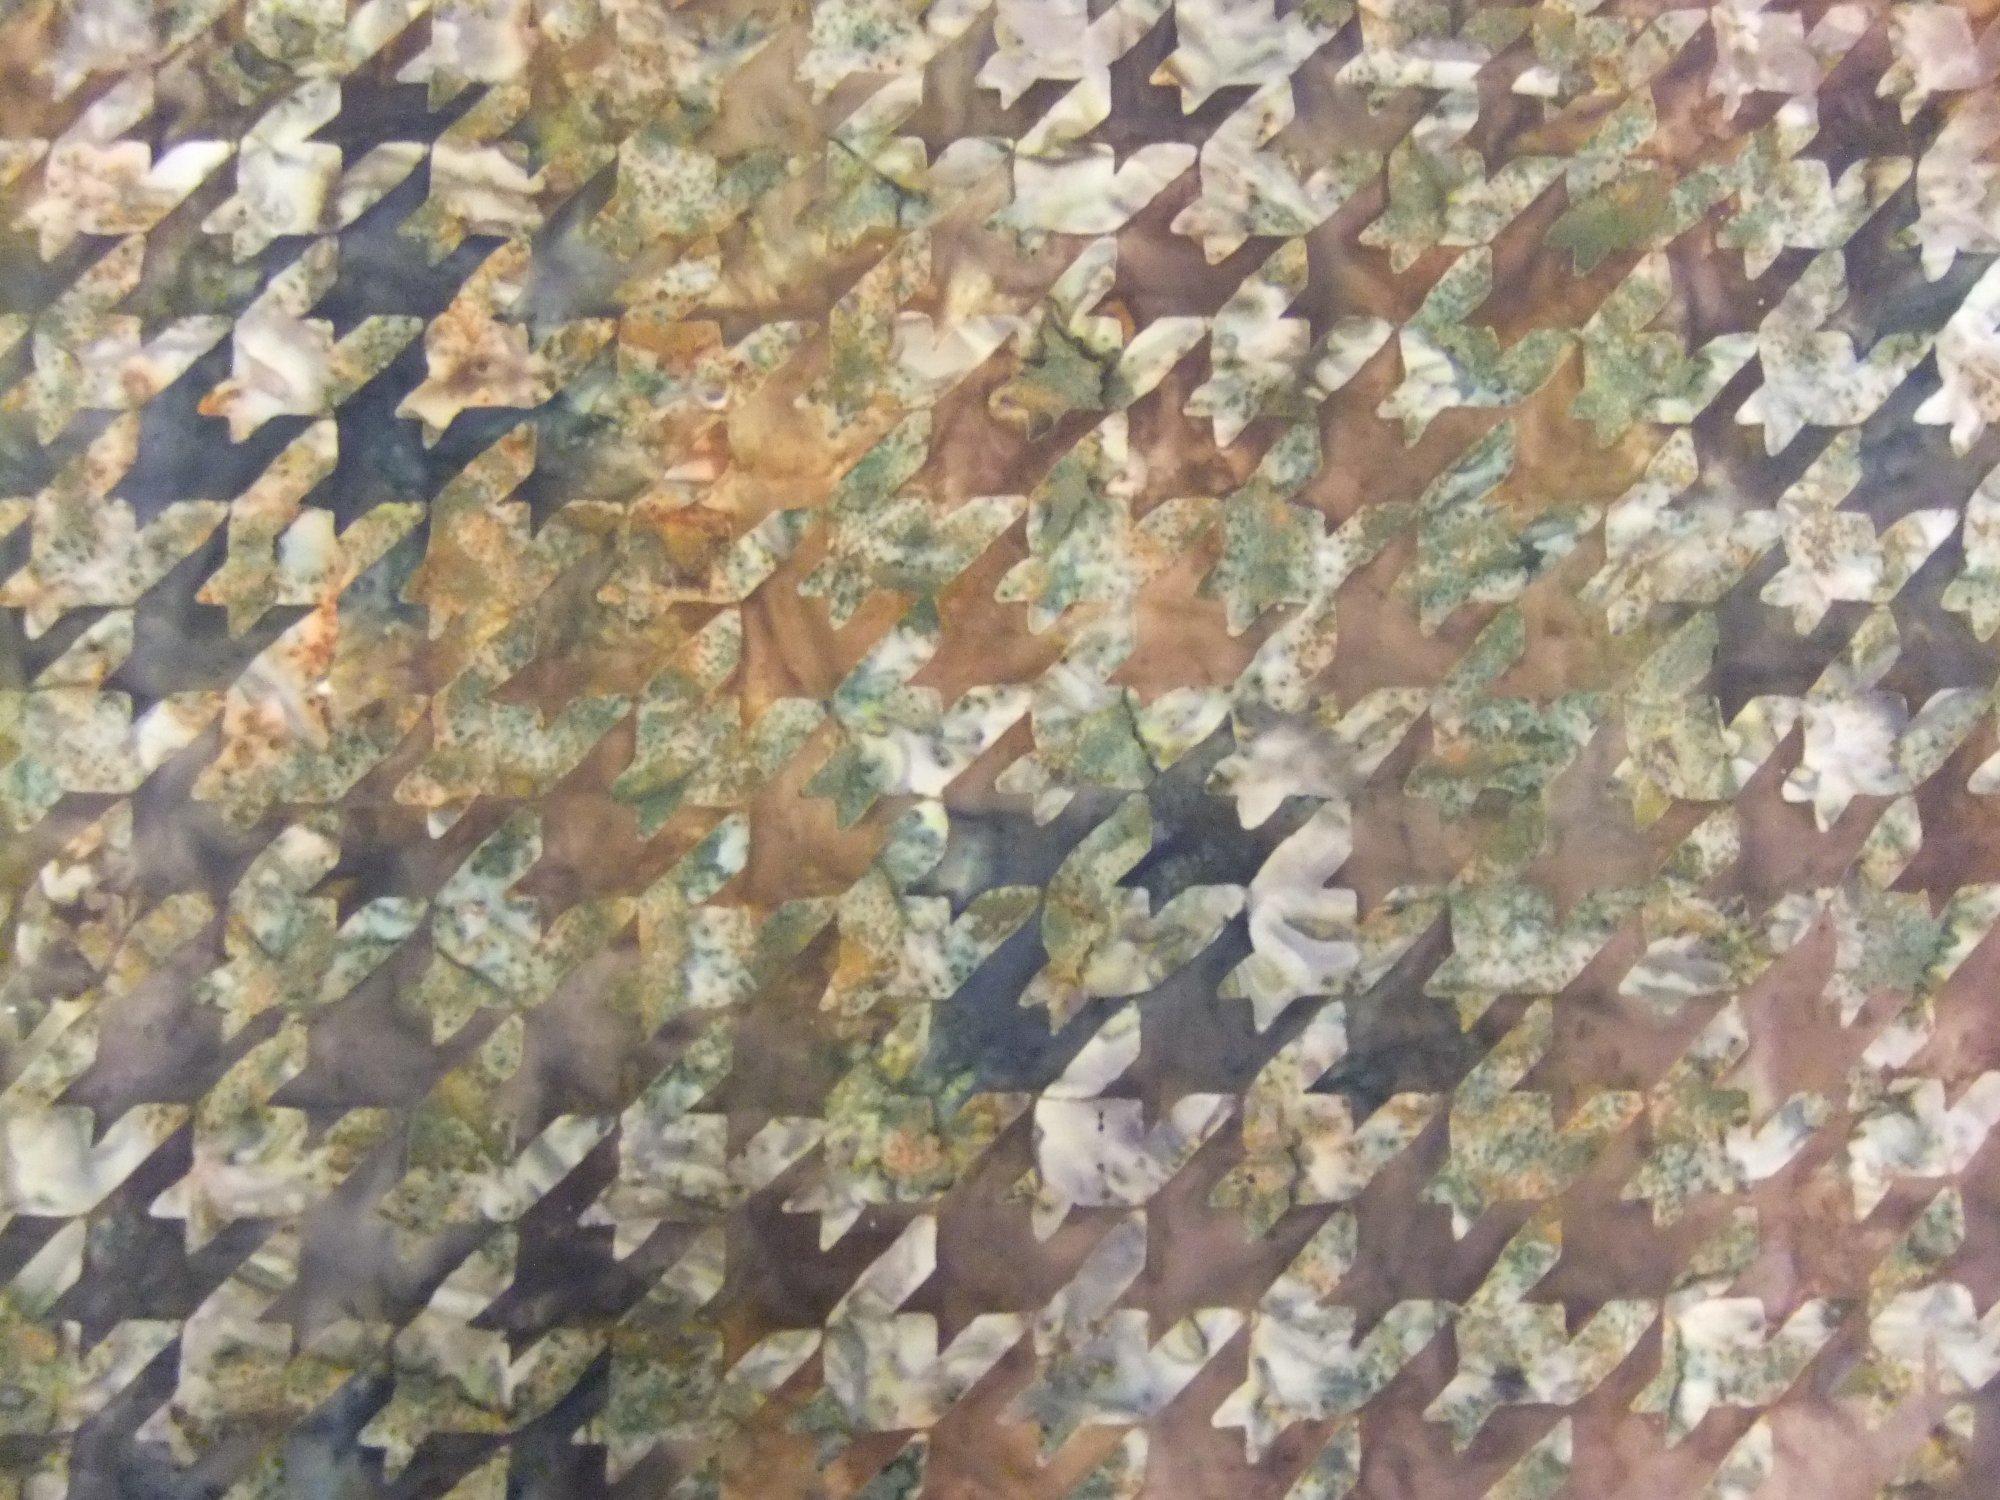 batik texture study 2 - Robert Kaufman - AMD-14304-178-SABLE